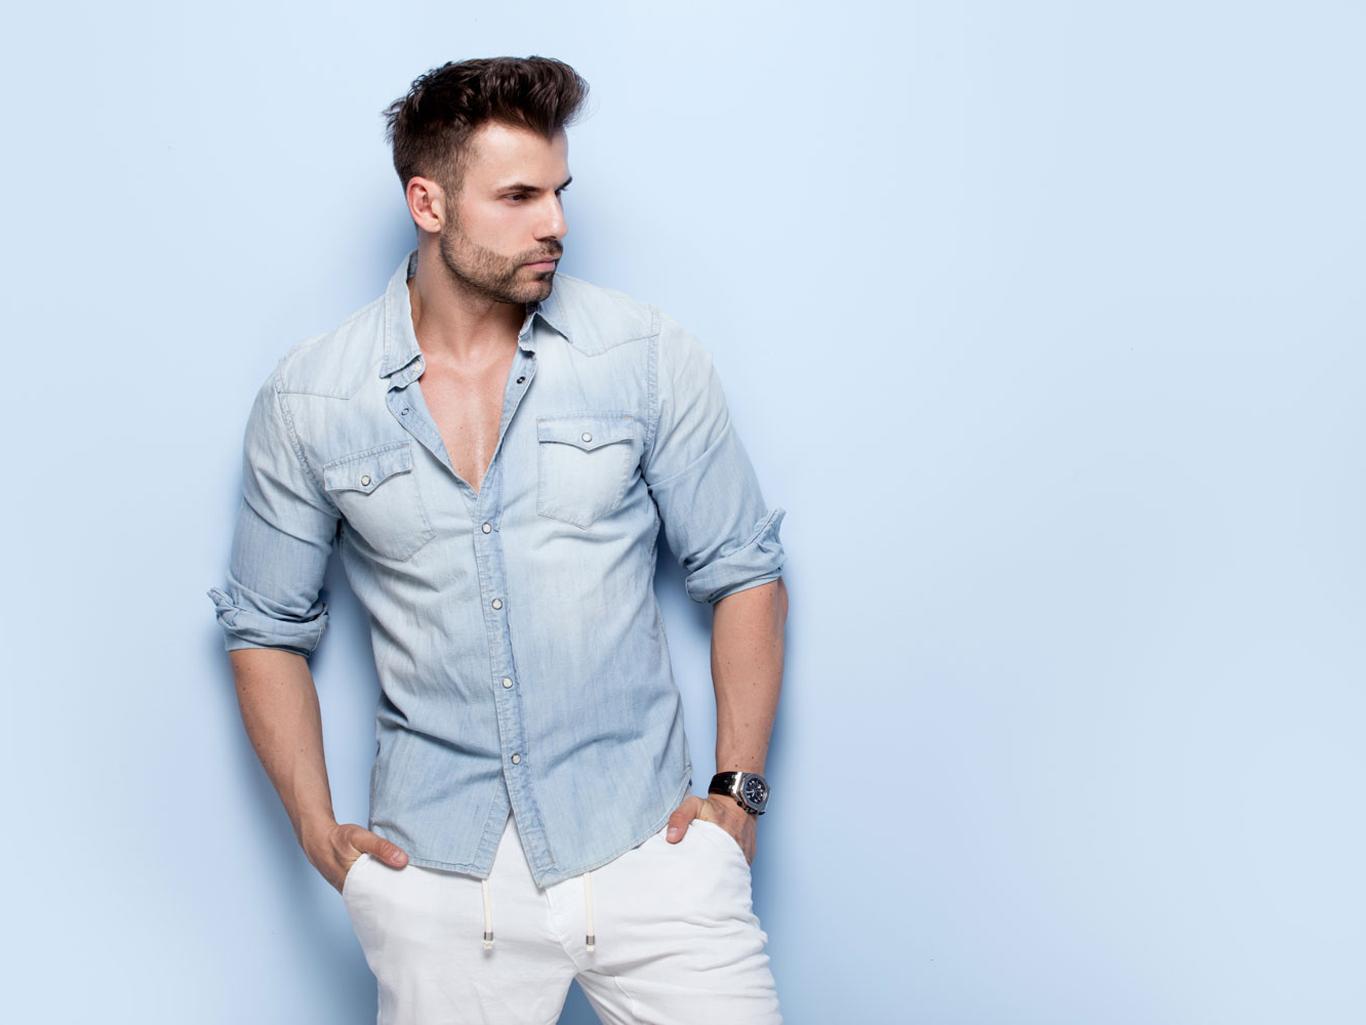 Рубашка с закатанными рукавами: простые секреты безупречного стиля